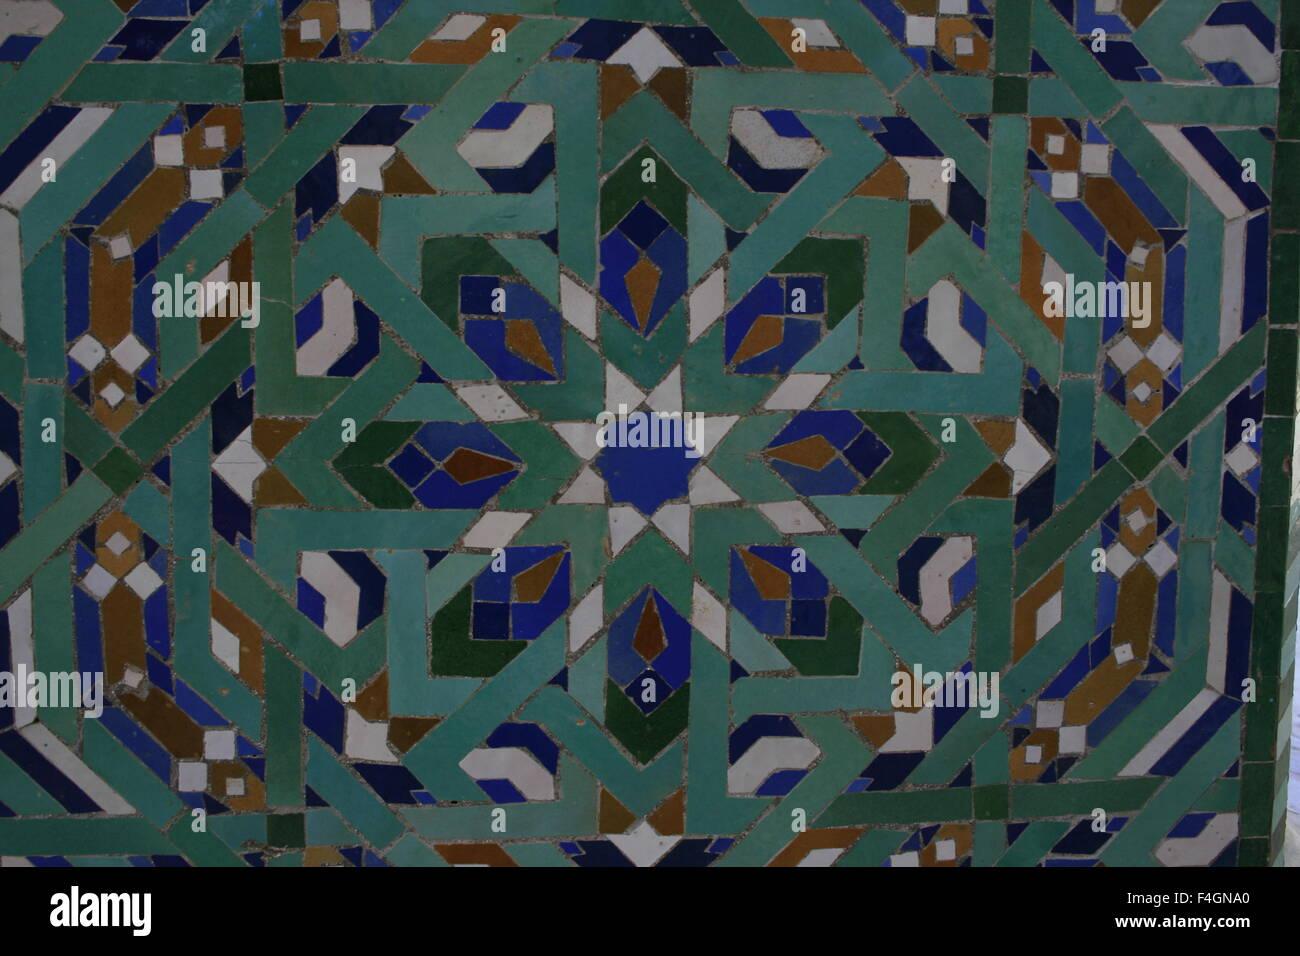 Marocchino piastrella mosaico decorazione ceramica della moschea